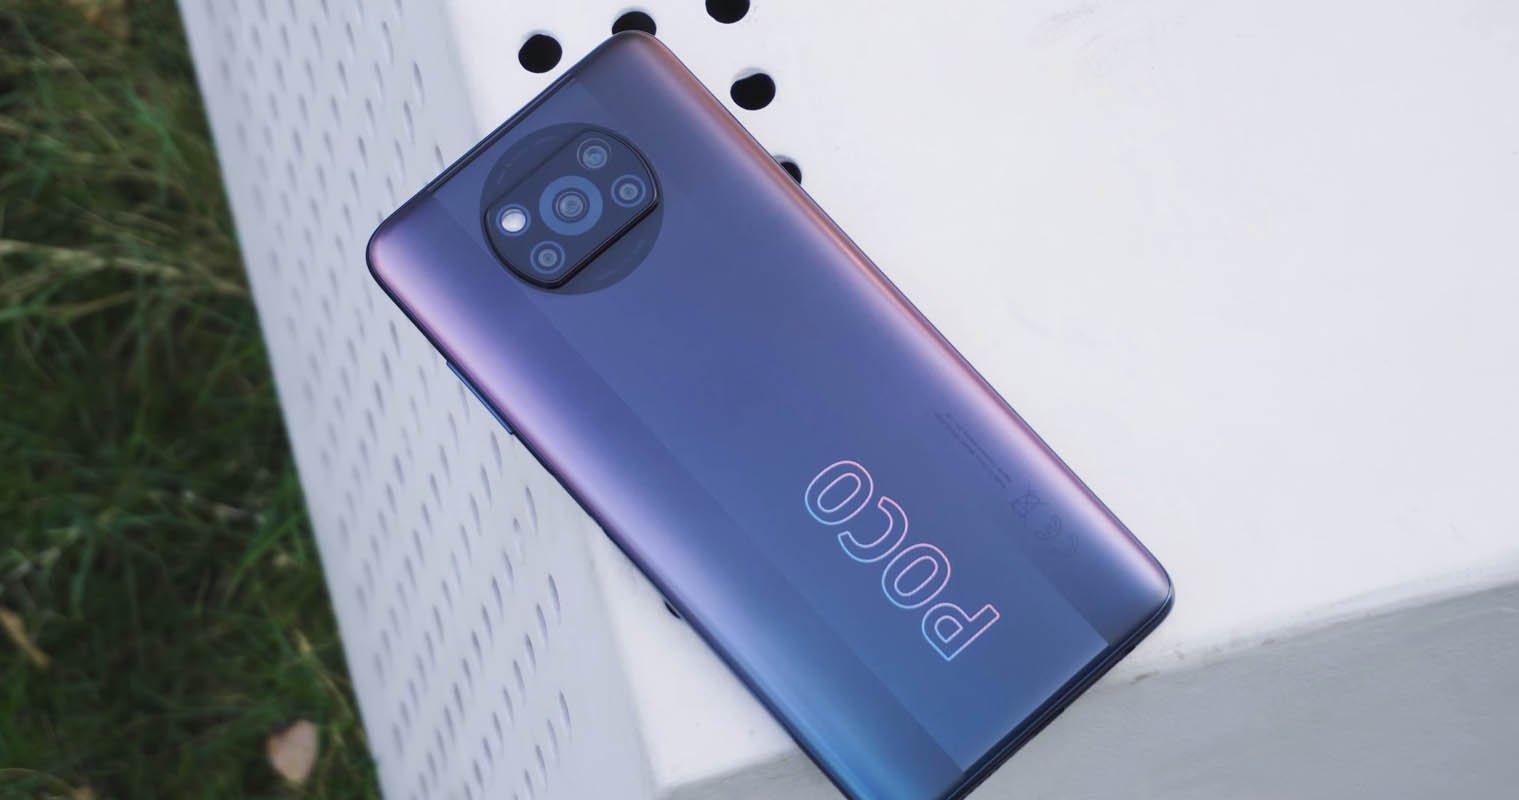 El POCO X3 Pro a precio de derribo: solo 152 euros con envío desde España. Noticias Xiaomi Adictos